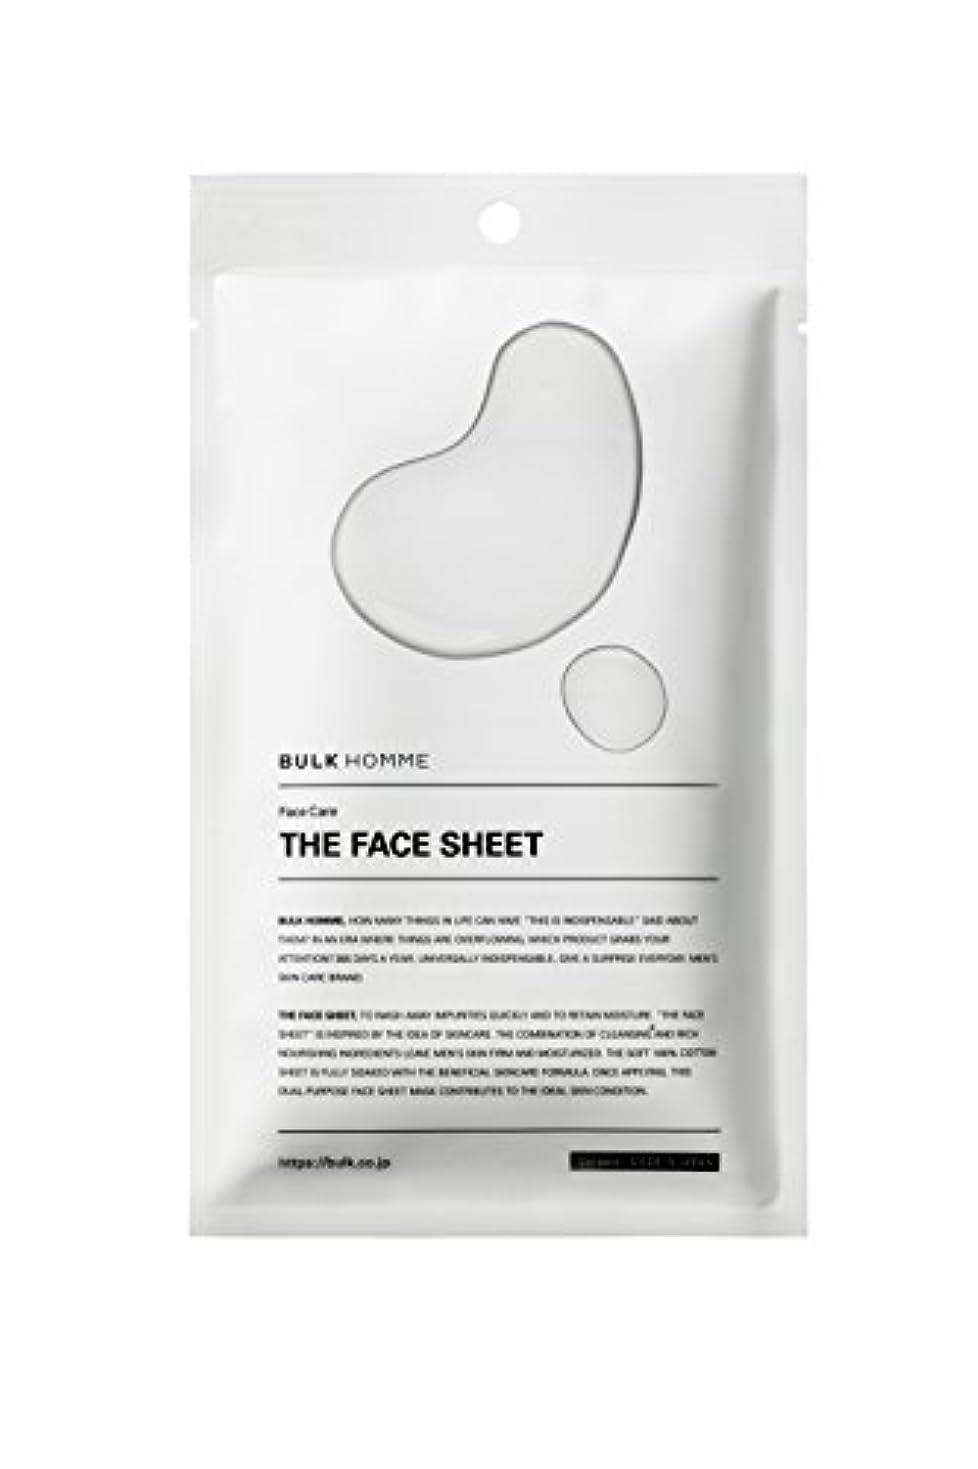 ハッピー火曜日アレキサンダーグラハムベルバルクオム THE FACE SHEET フェイスシート(低刺激 拭き取り化粧水)10枚